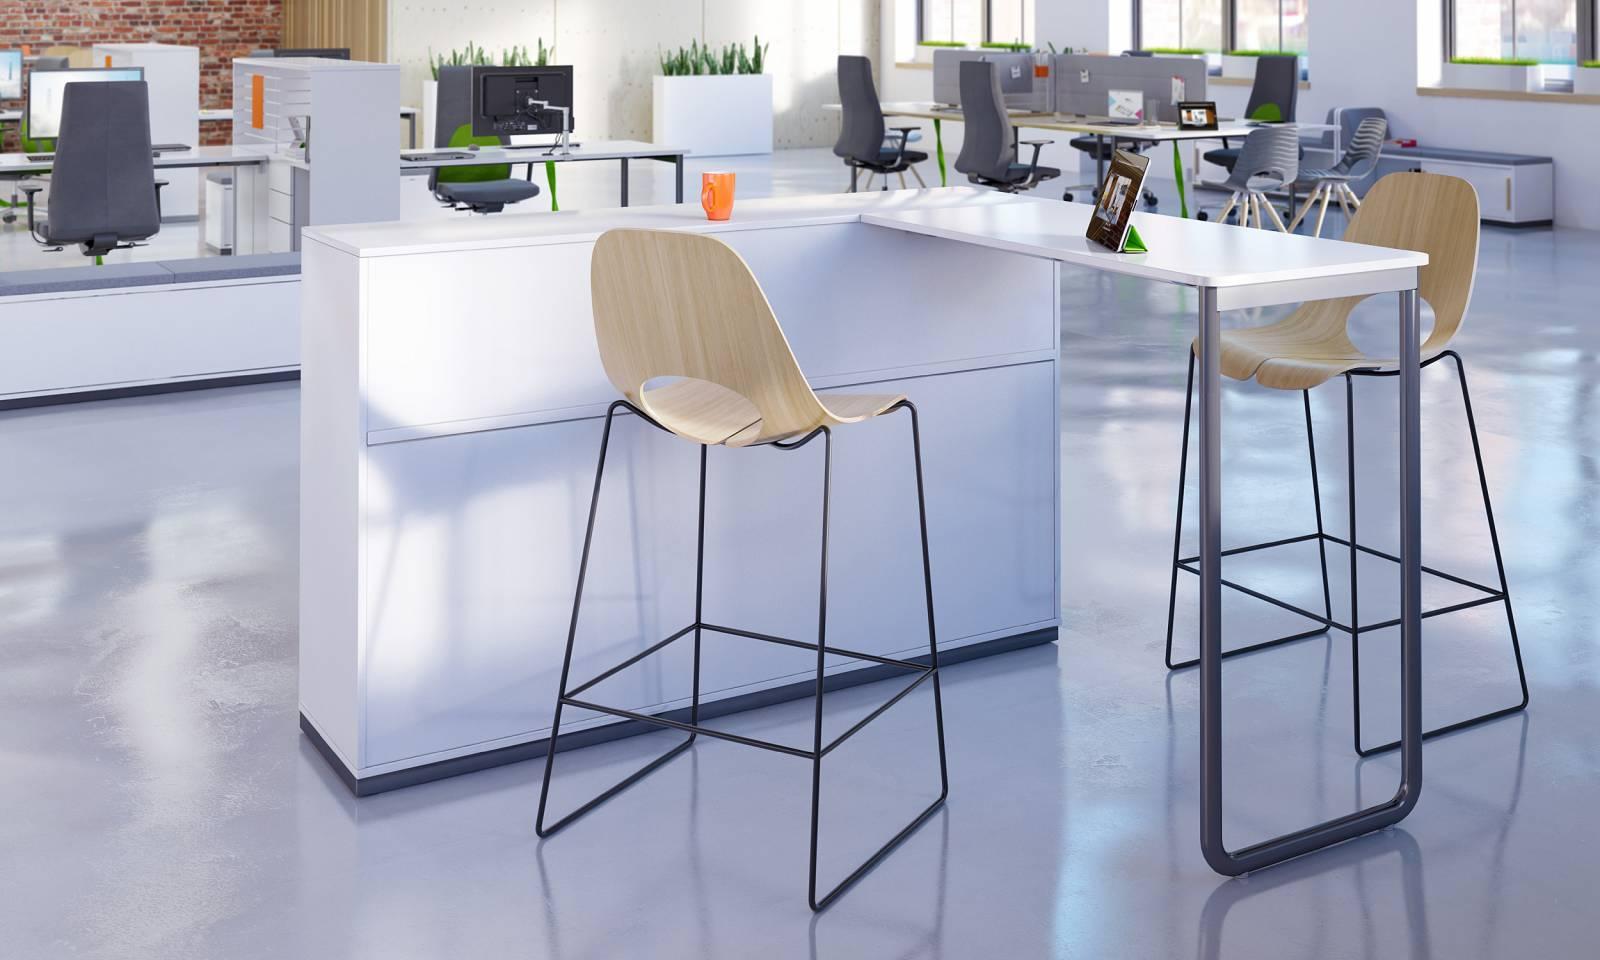 Table d'appoint avec Tabourets hauts entièrement tapissés, pied cadre noir